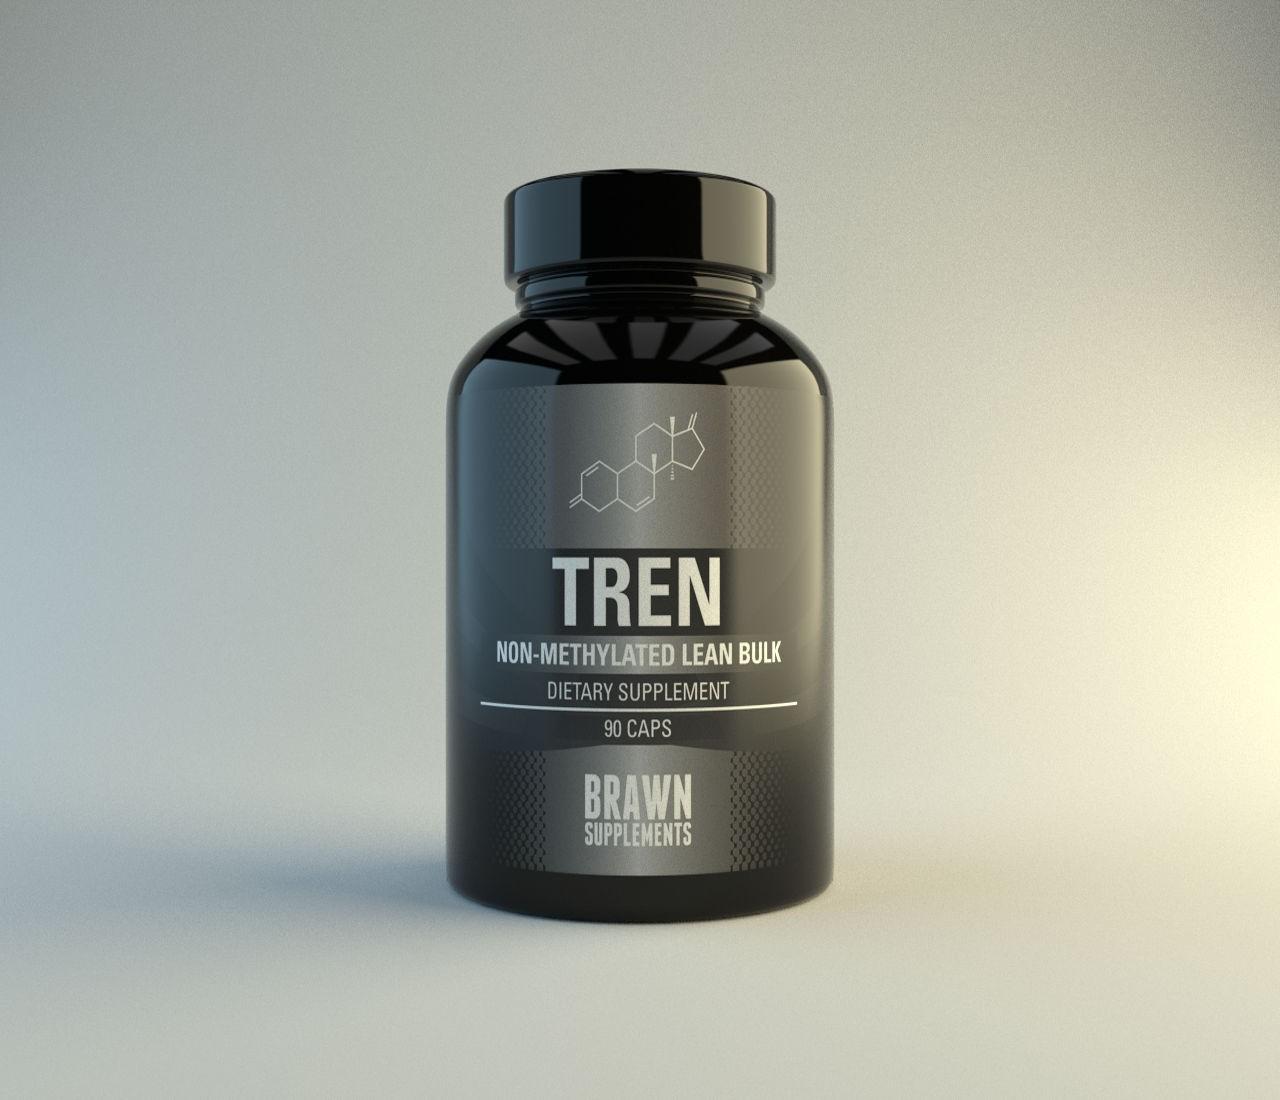 Brawn TREN